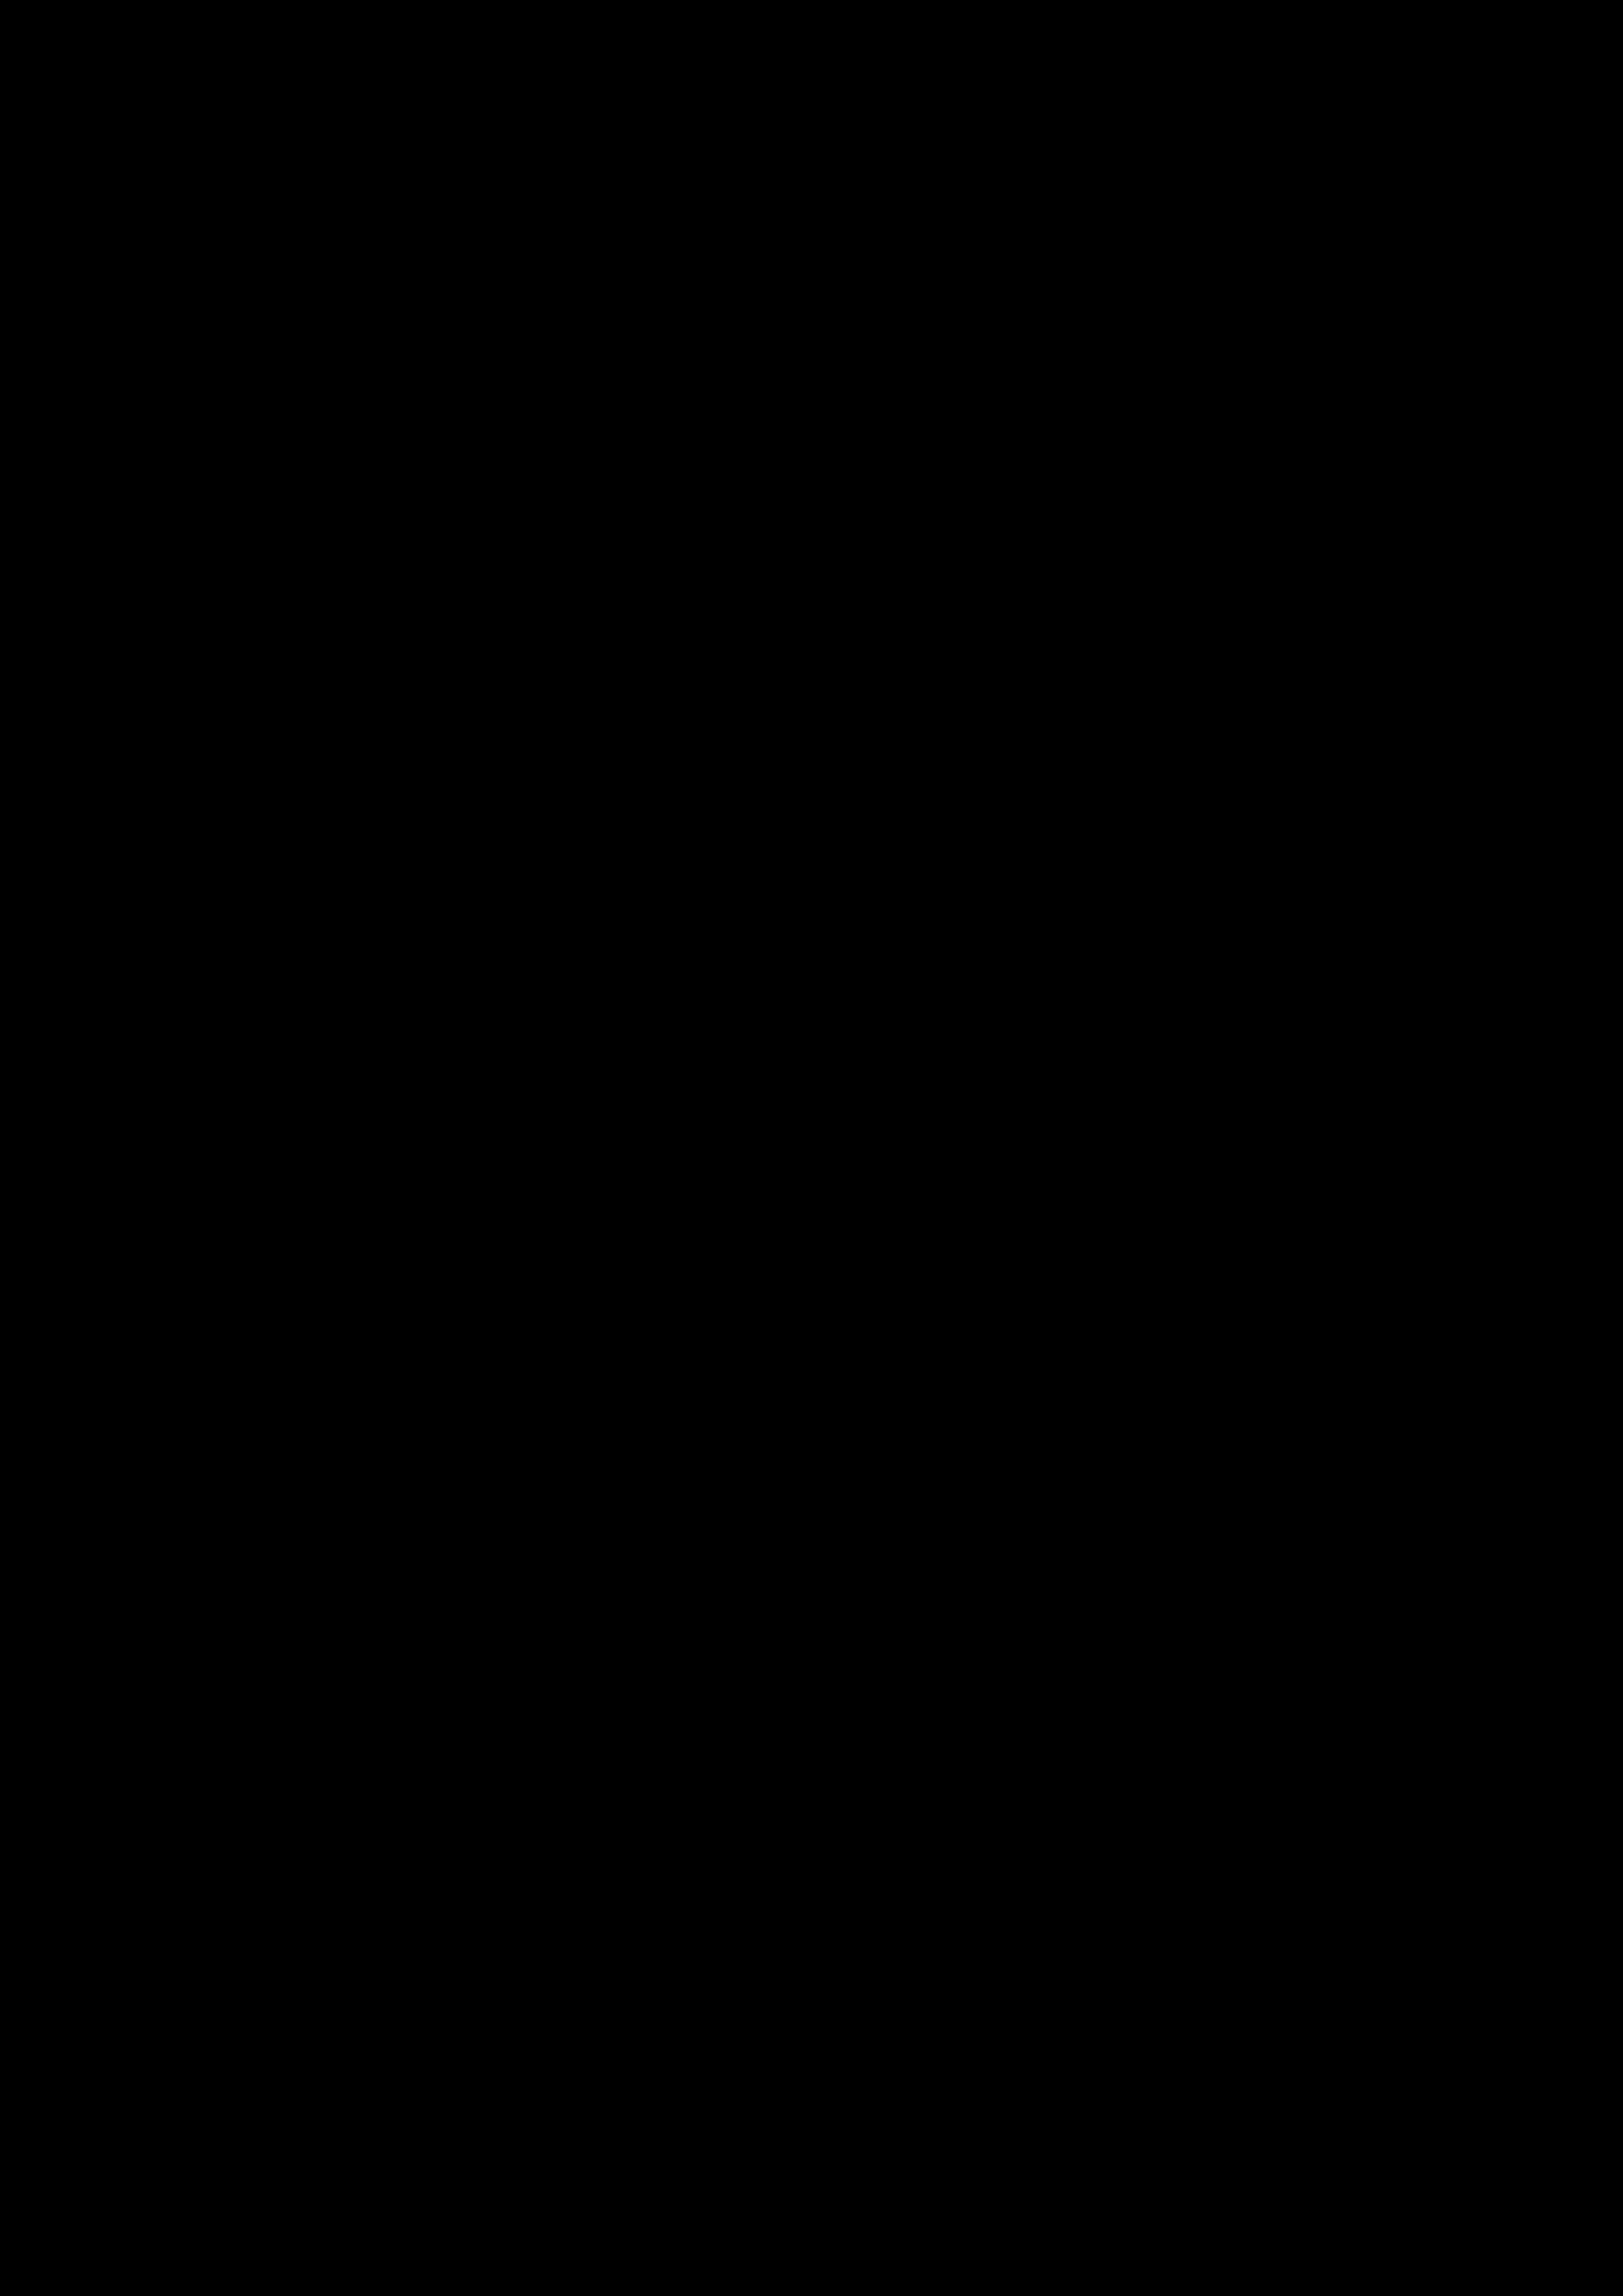 20130209021424e0f.png